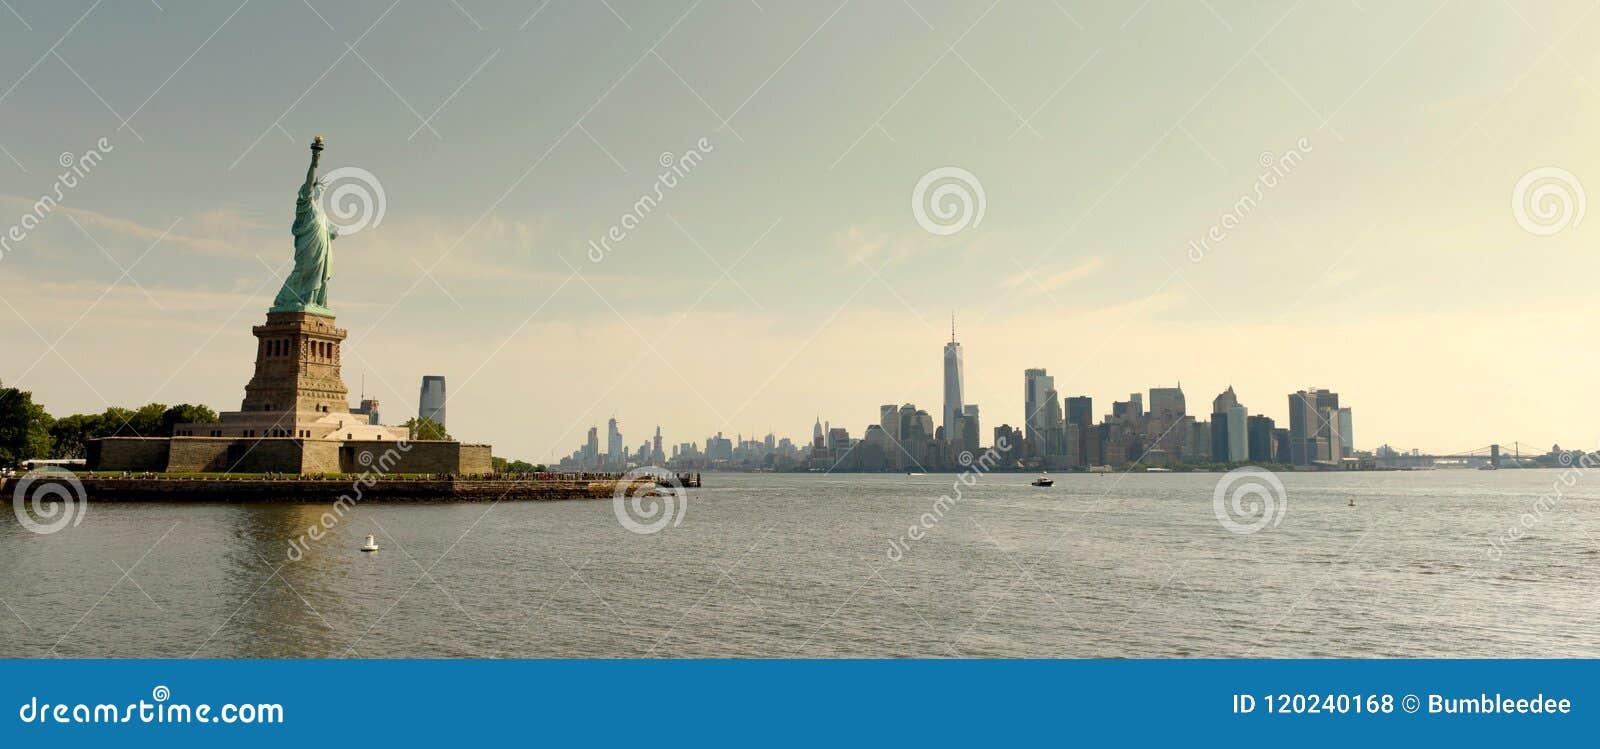 自由女神像和财政区在更低的曼哈顿,新